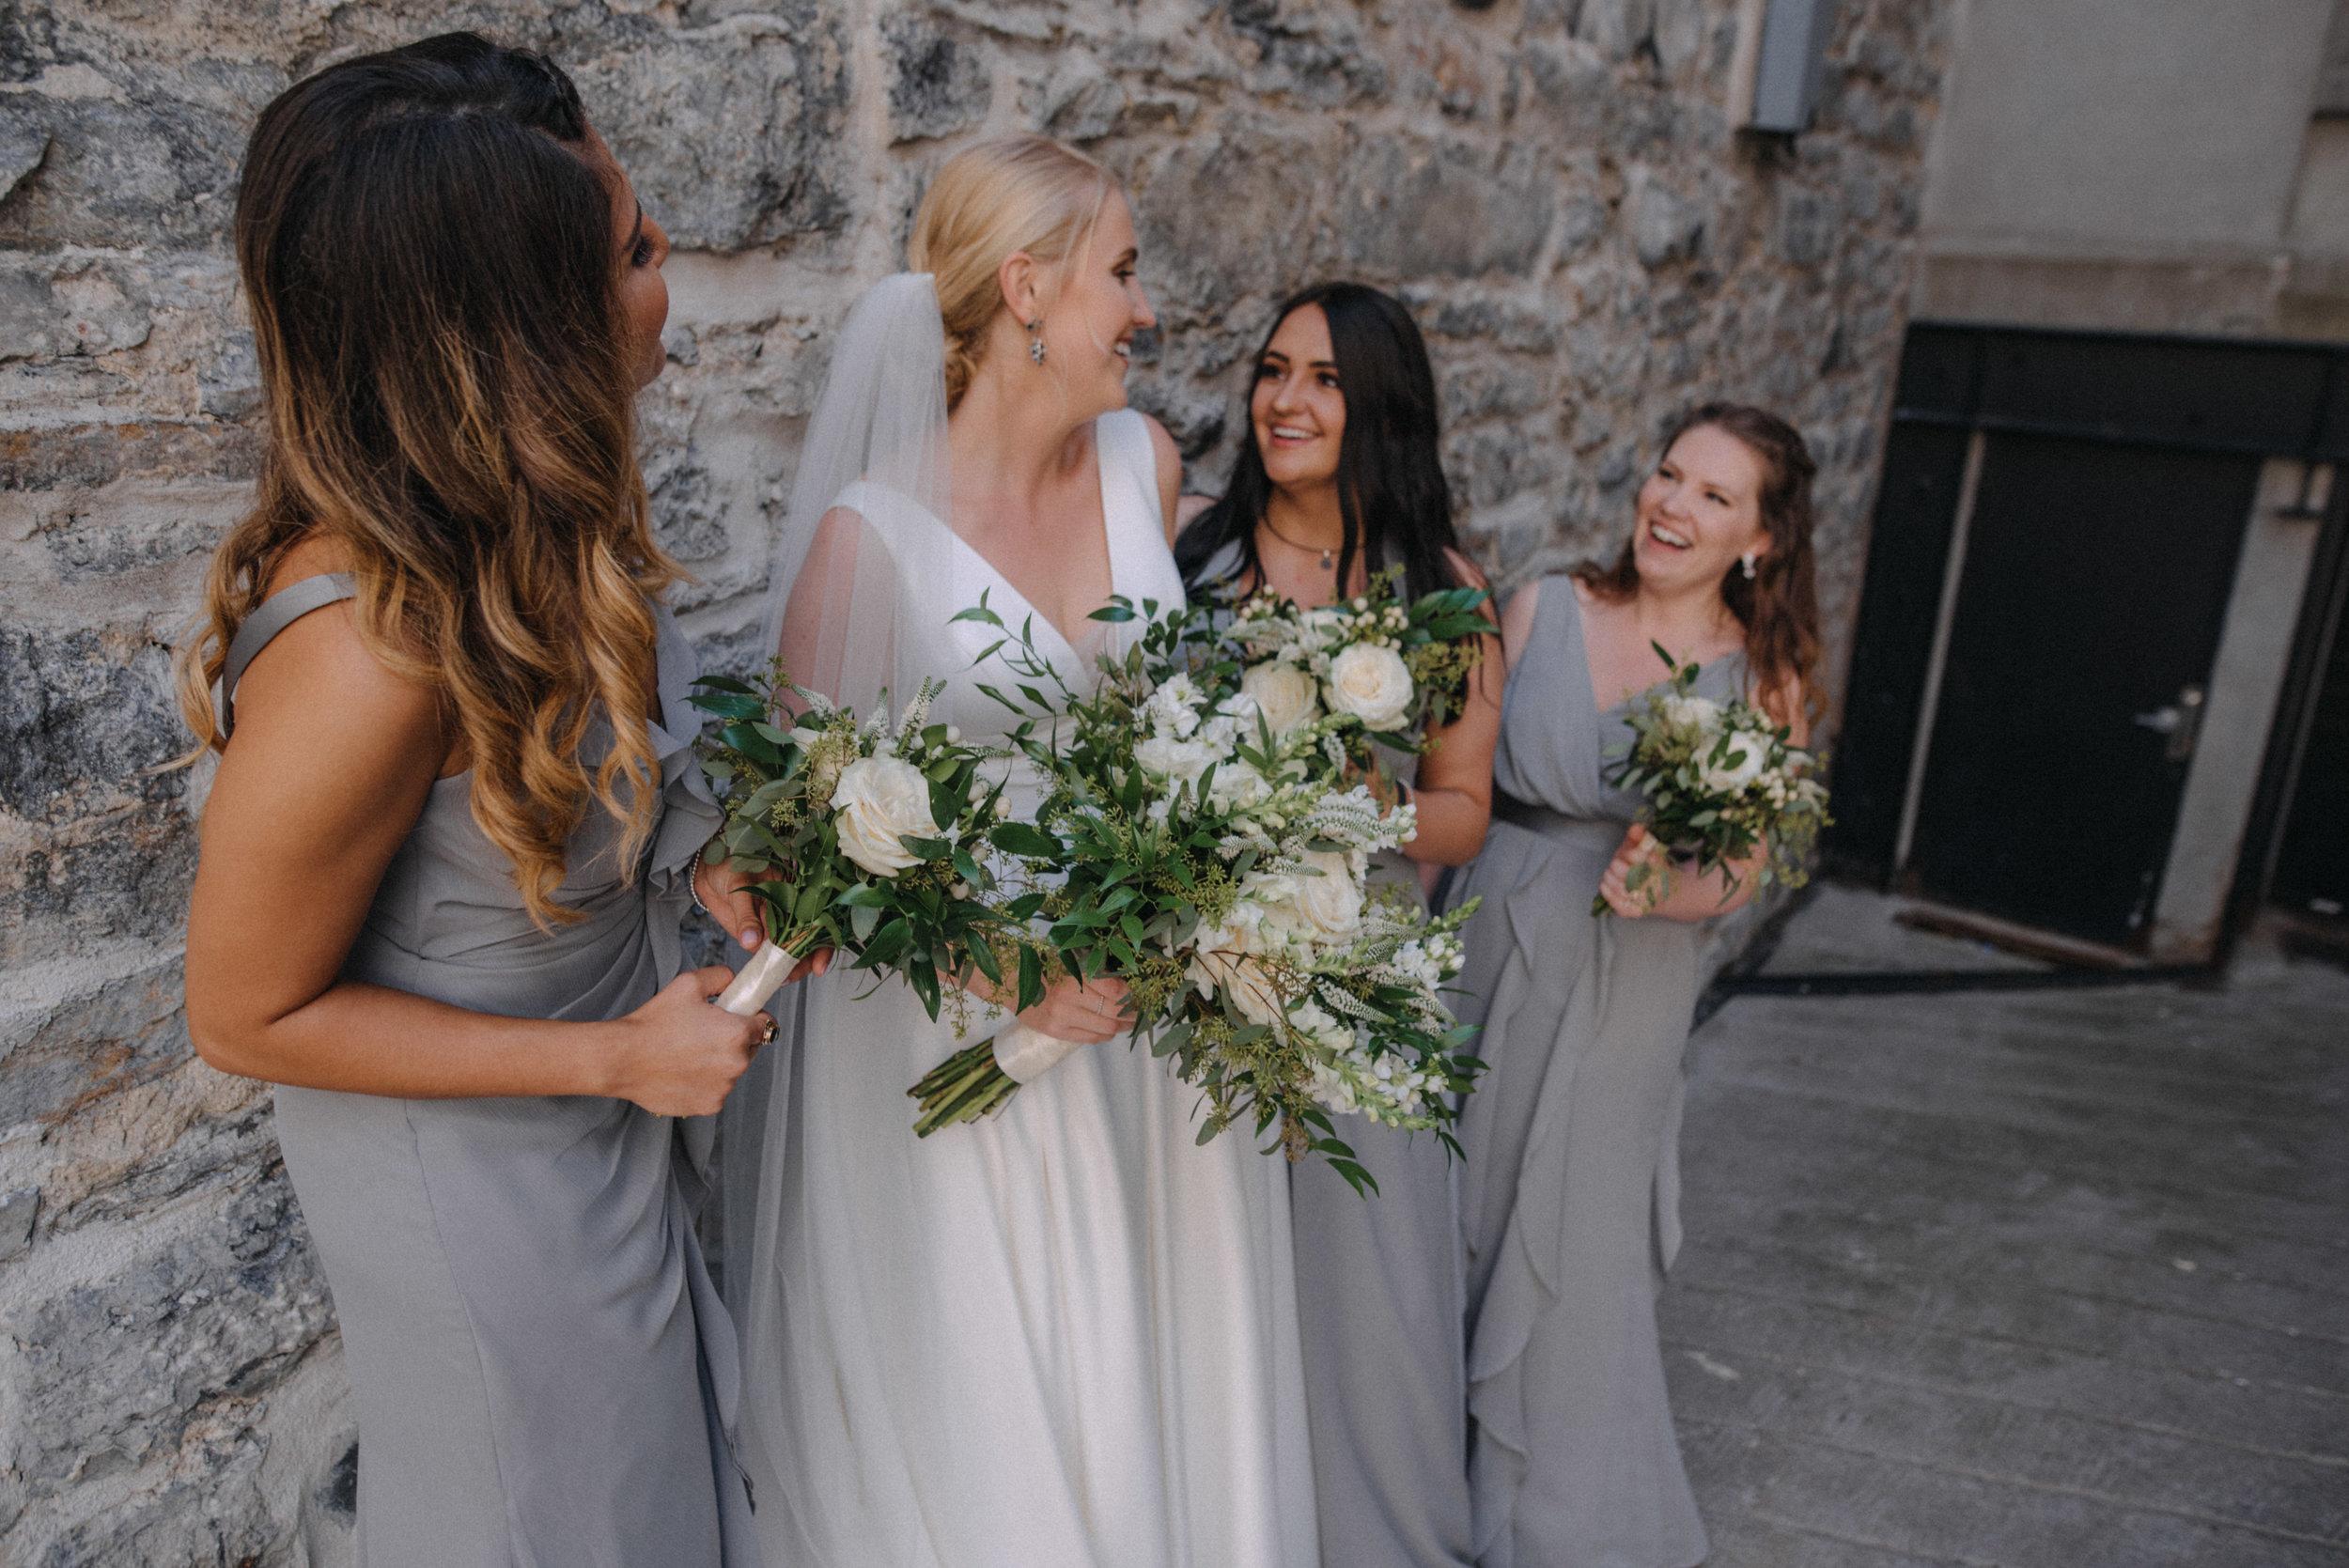 photographe_gatineau_mariage_ottawa_photographer_wedding_natasha_liard_photo_documentary_candid_lifestyle  (21).jpg